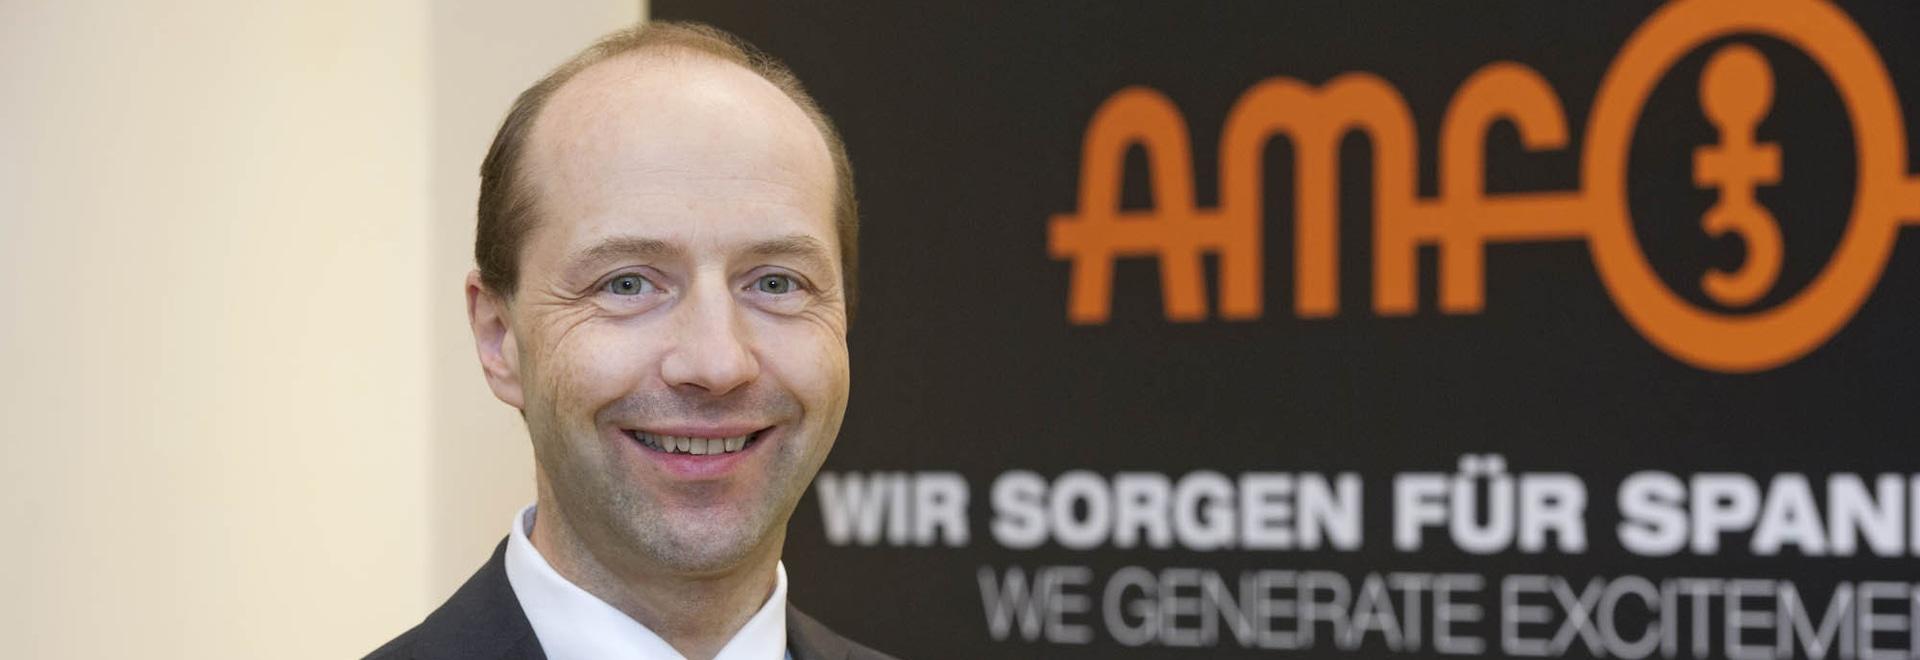 Johannes Maier, geschäftsführender Gesellschafter von AMF, sieht auch 2020 Chancen für Wachstum.